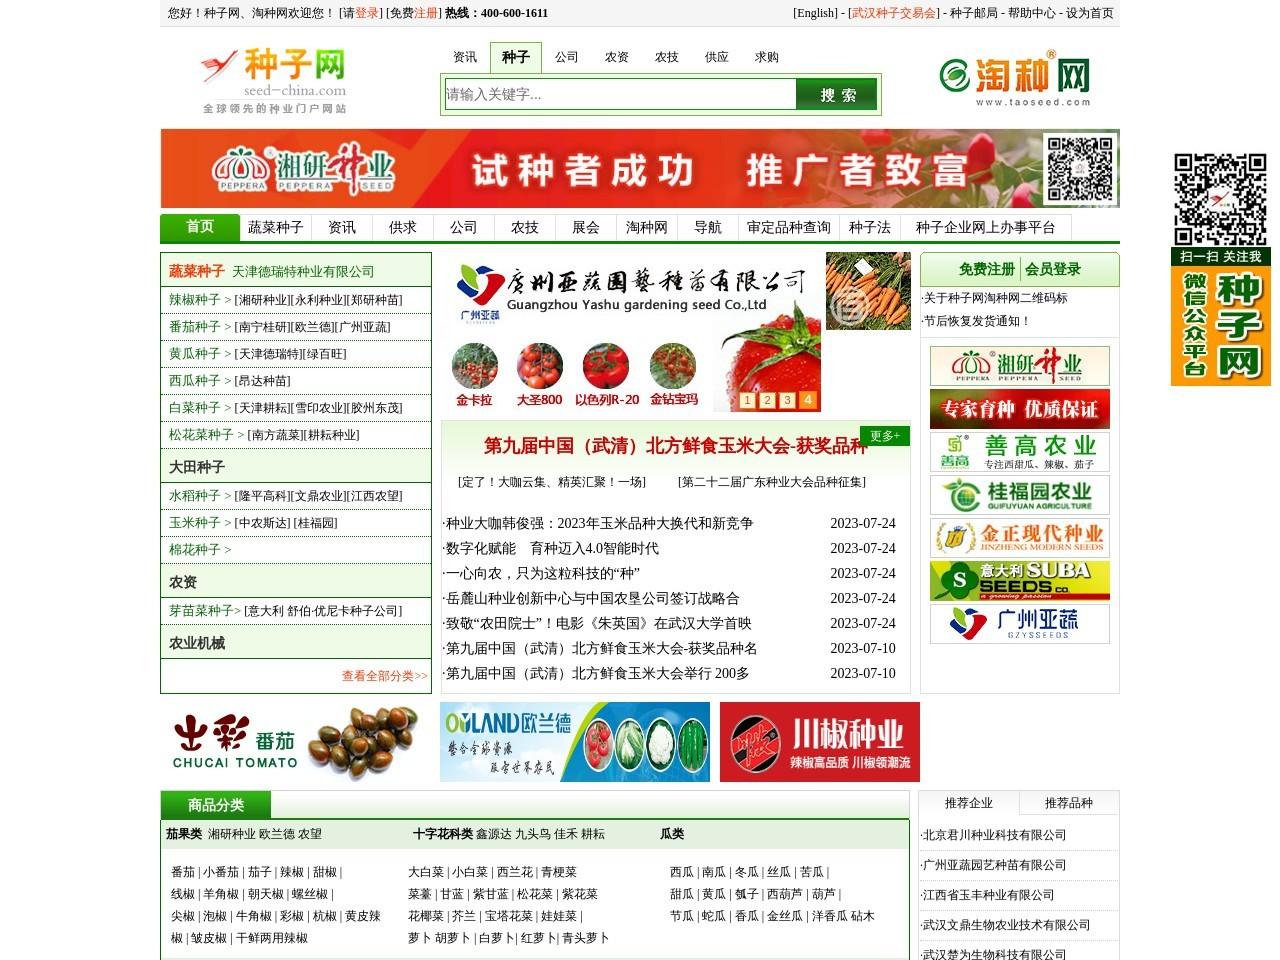 种子网_天鸿种子网_中国种子行业最具实力电子商务平台